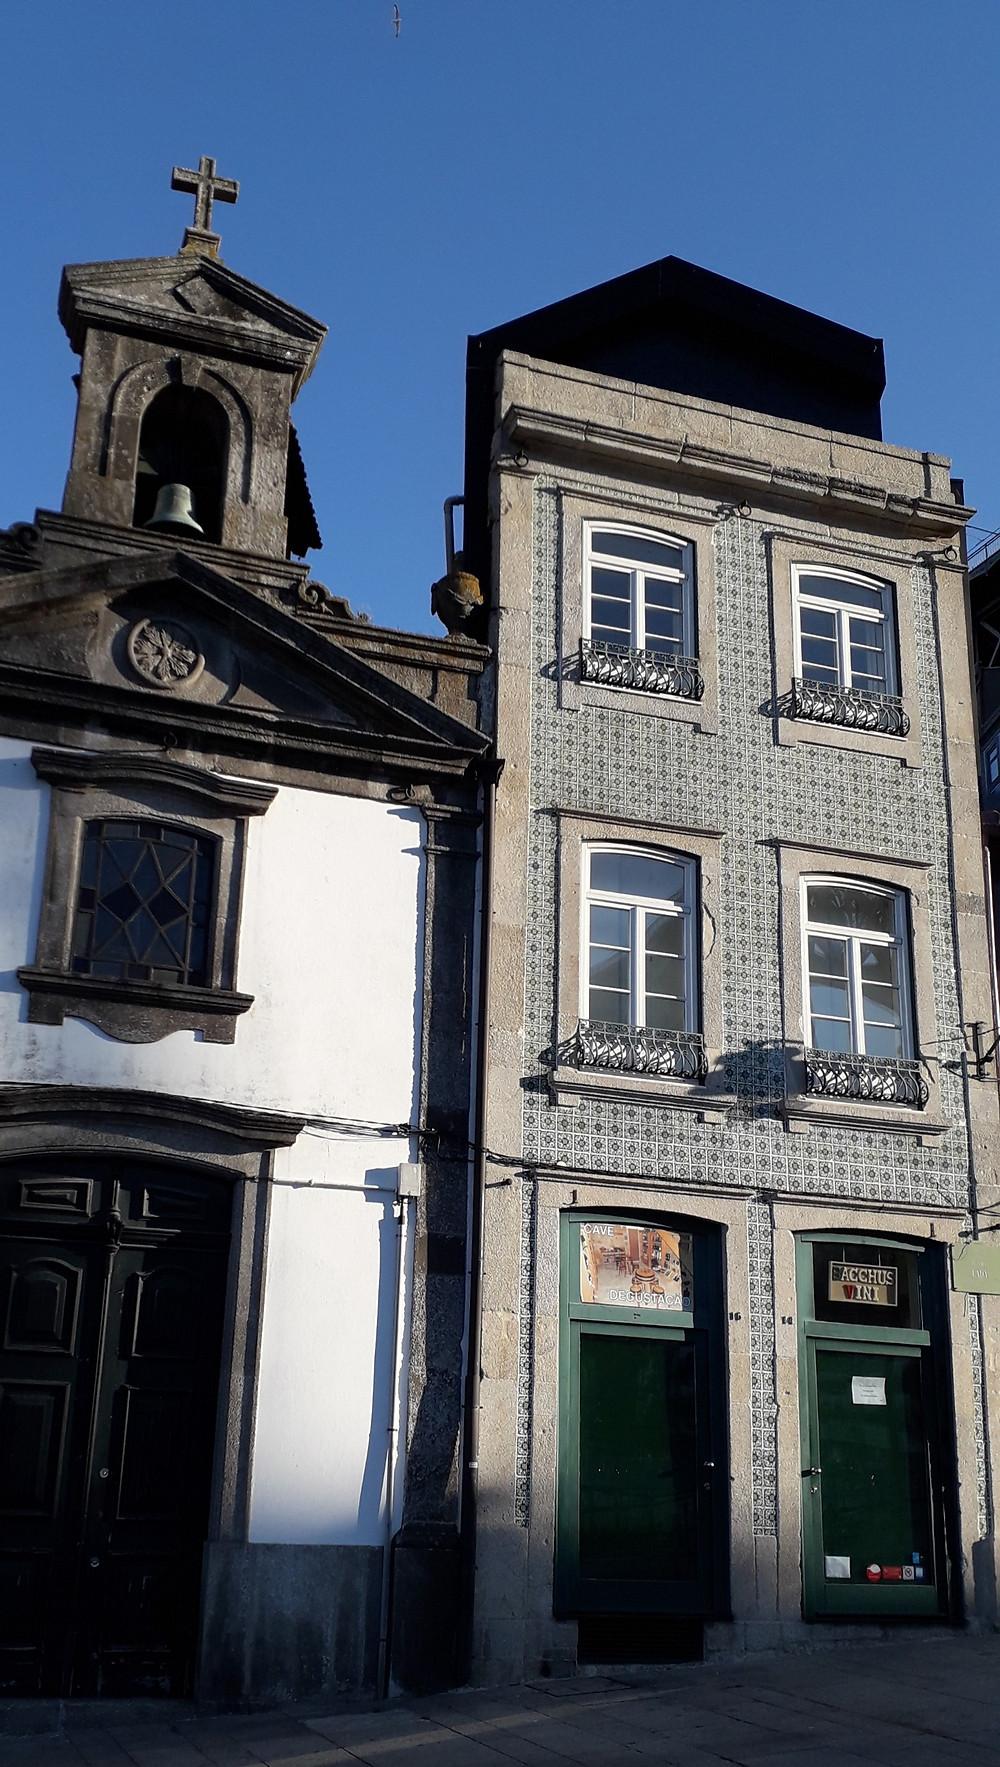 Bacchus & Vini, Porto, Vieille ville, près du pont Dom Luis, wine tasting, dégustation de vins